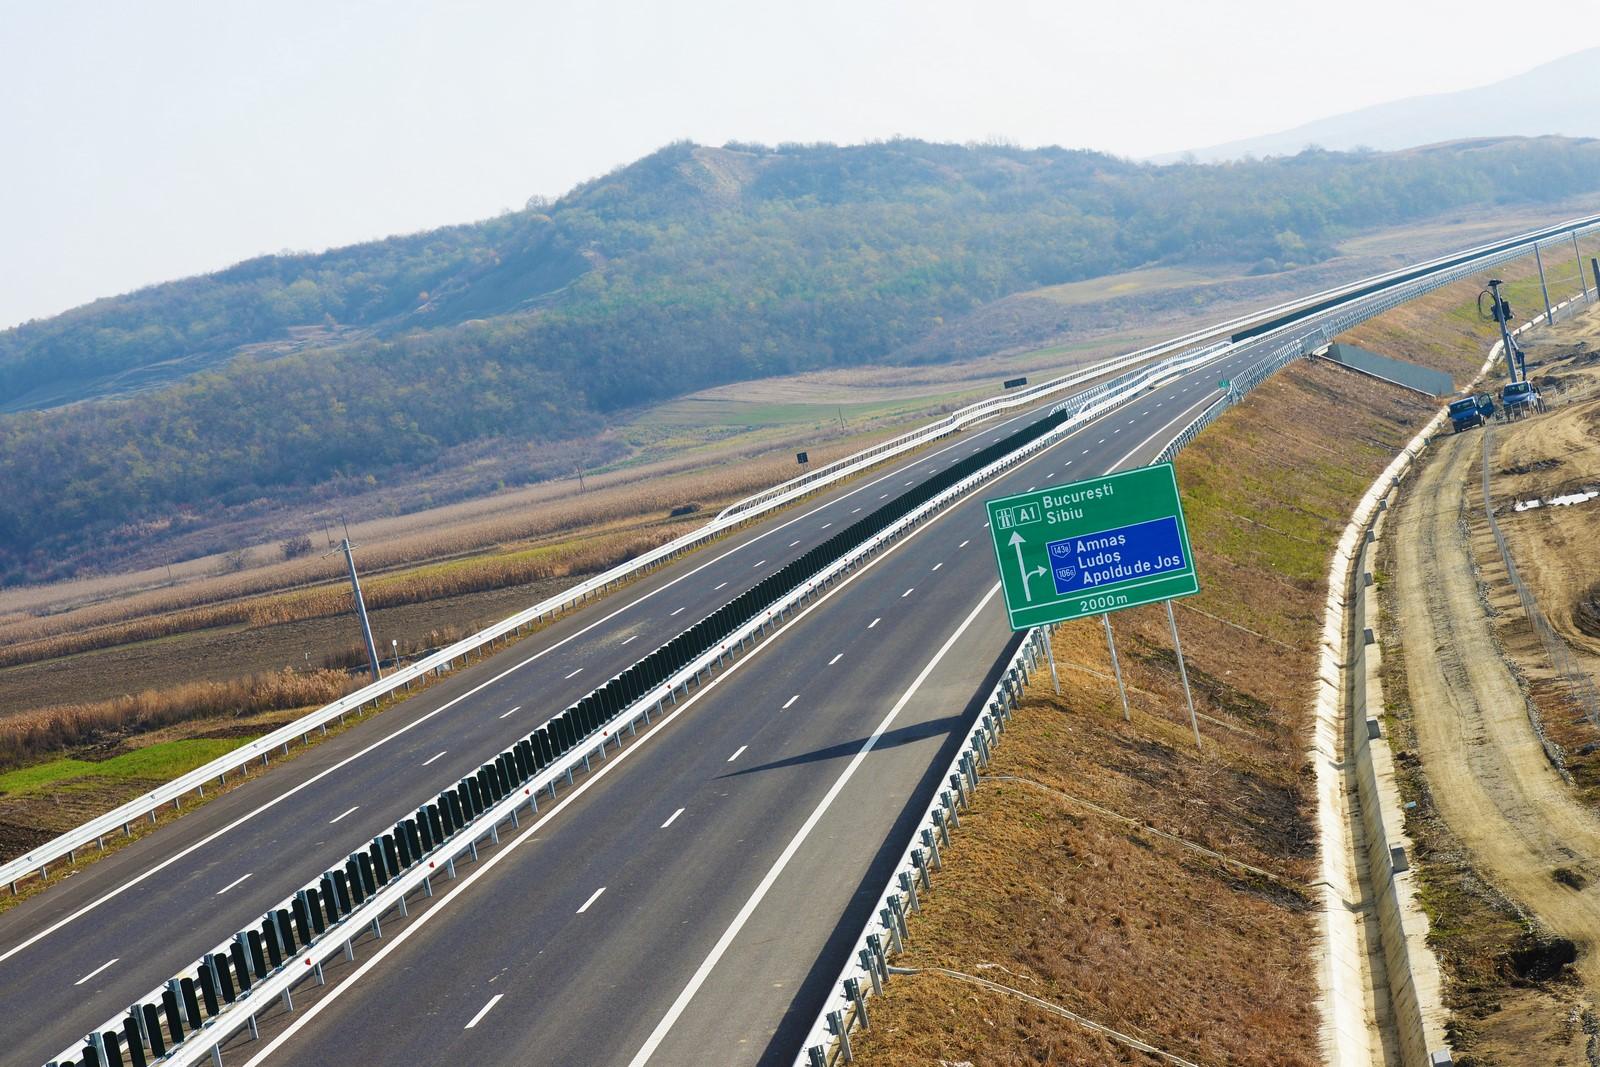 Spații de servicii noi pe autostrada Sibiu-Nădlac, inclusiv stații de reîncărcare pentru mașinile electrice